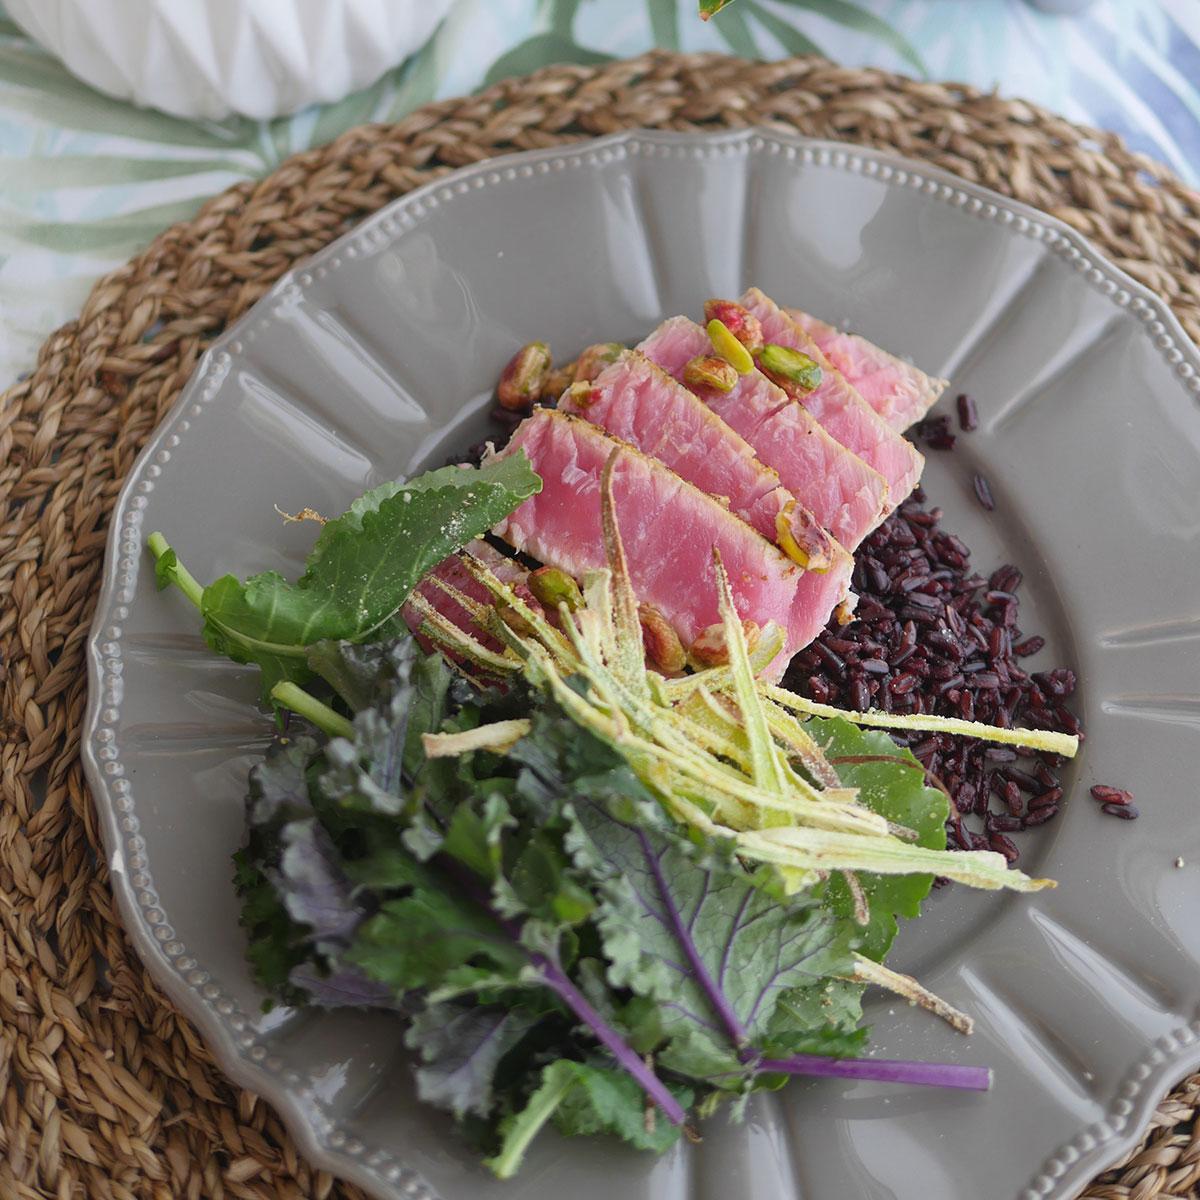 Ahi tuna steak on a plate with fresh vegetables.